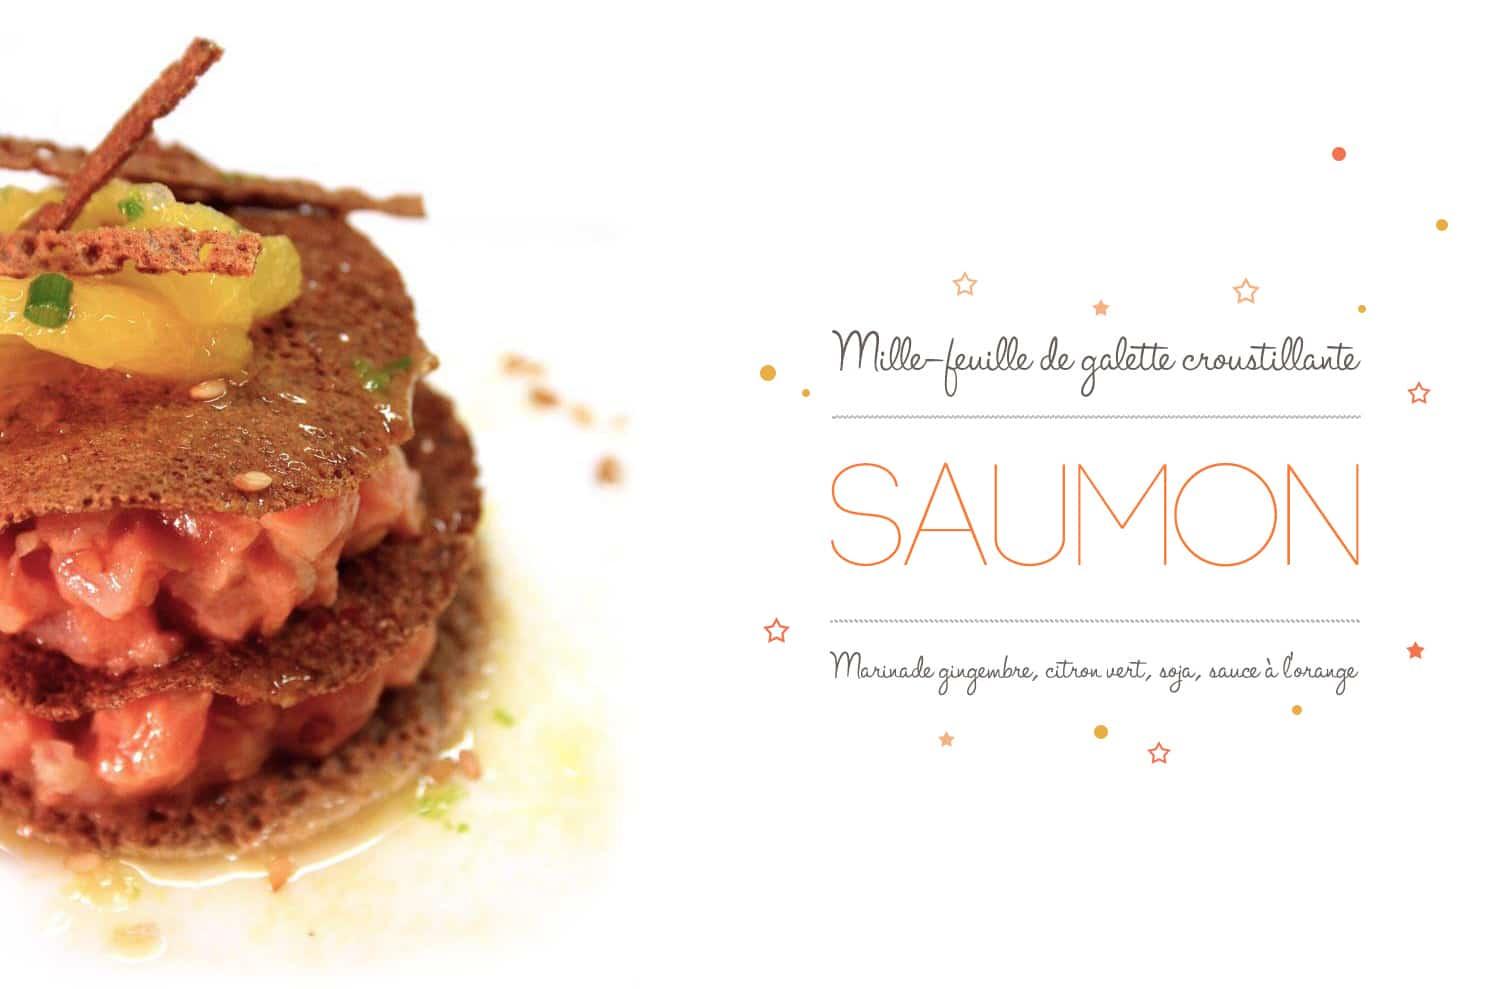 saumon-cmumu2.jpg